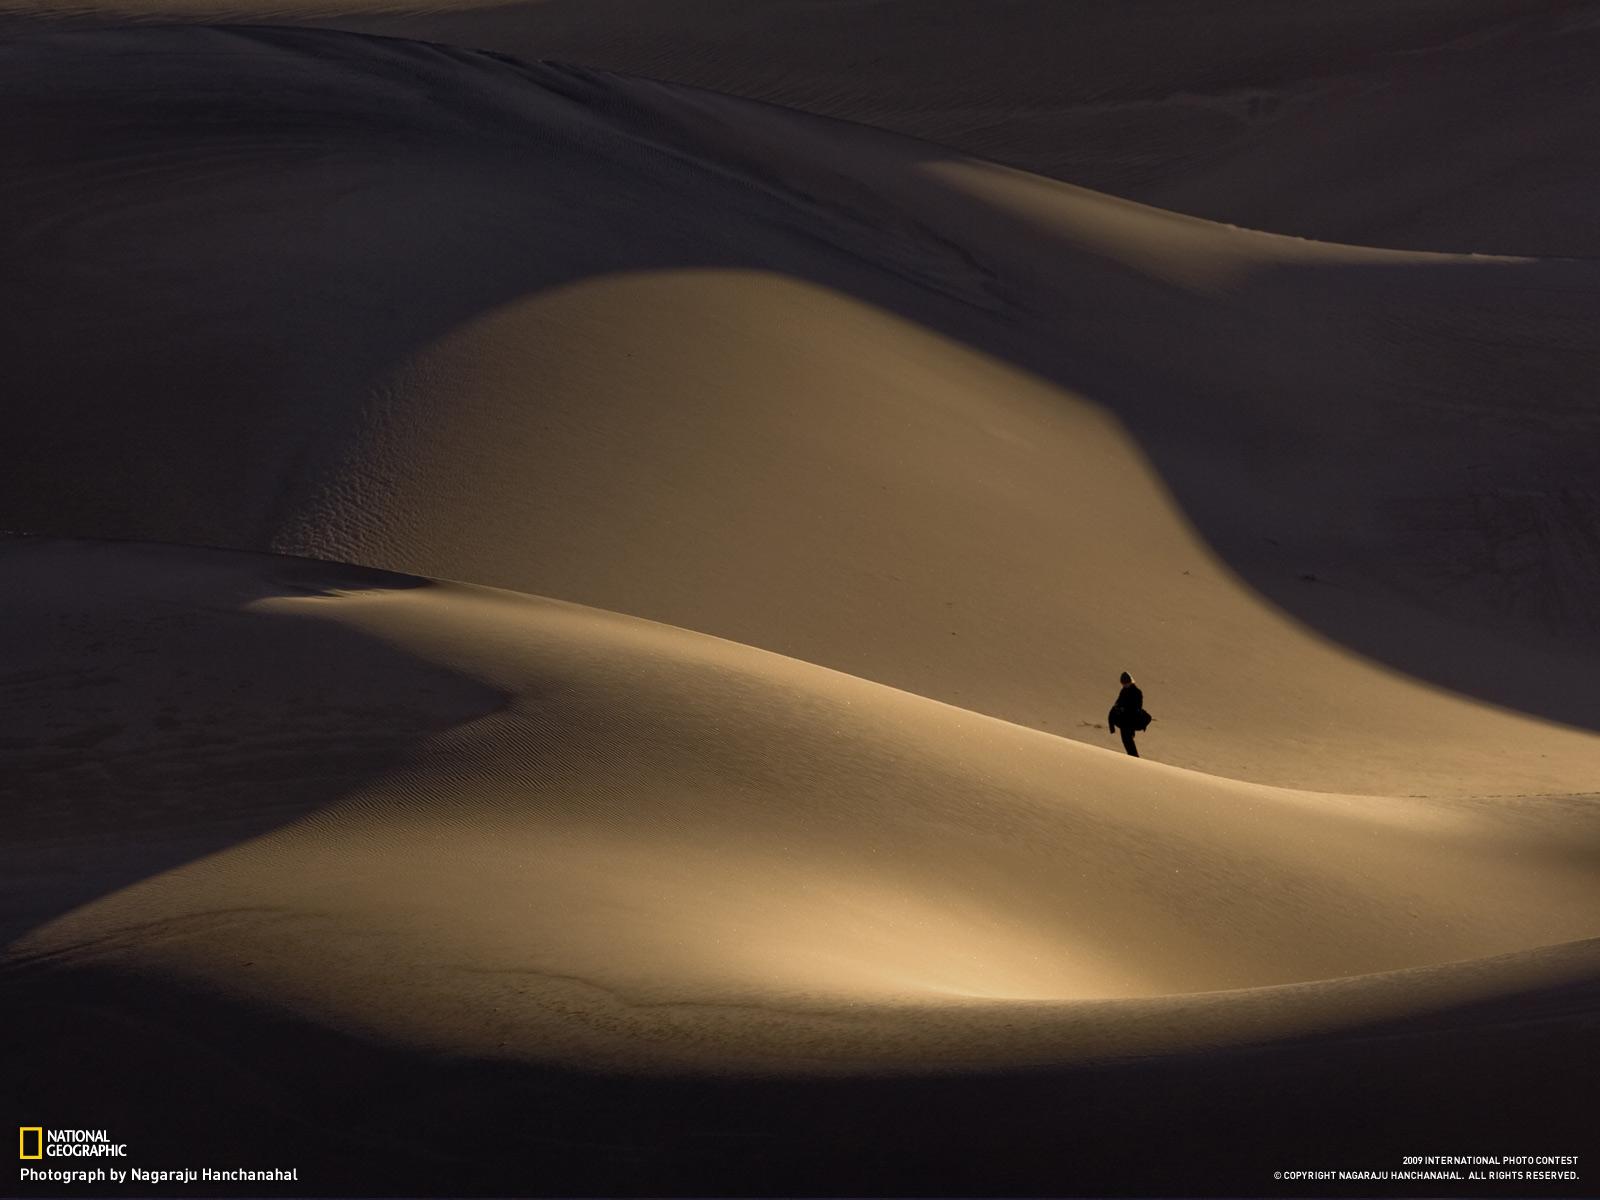 http://3.bp.blogspot.com/_quYB83vmy4M/TEhjtlViCMI/AAAAAAAACq8/PAytoiyYAe8/s1600/paronamia_National_Geographic_HD_0056+(37).jpg